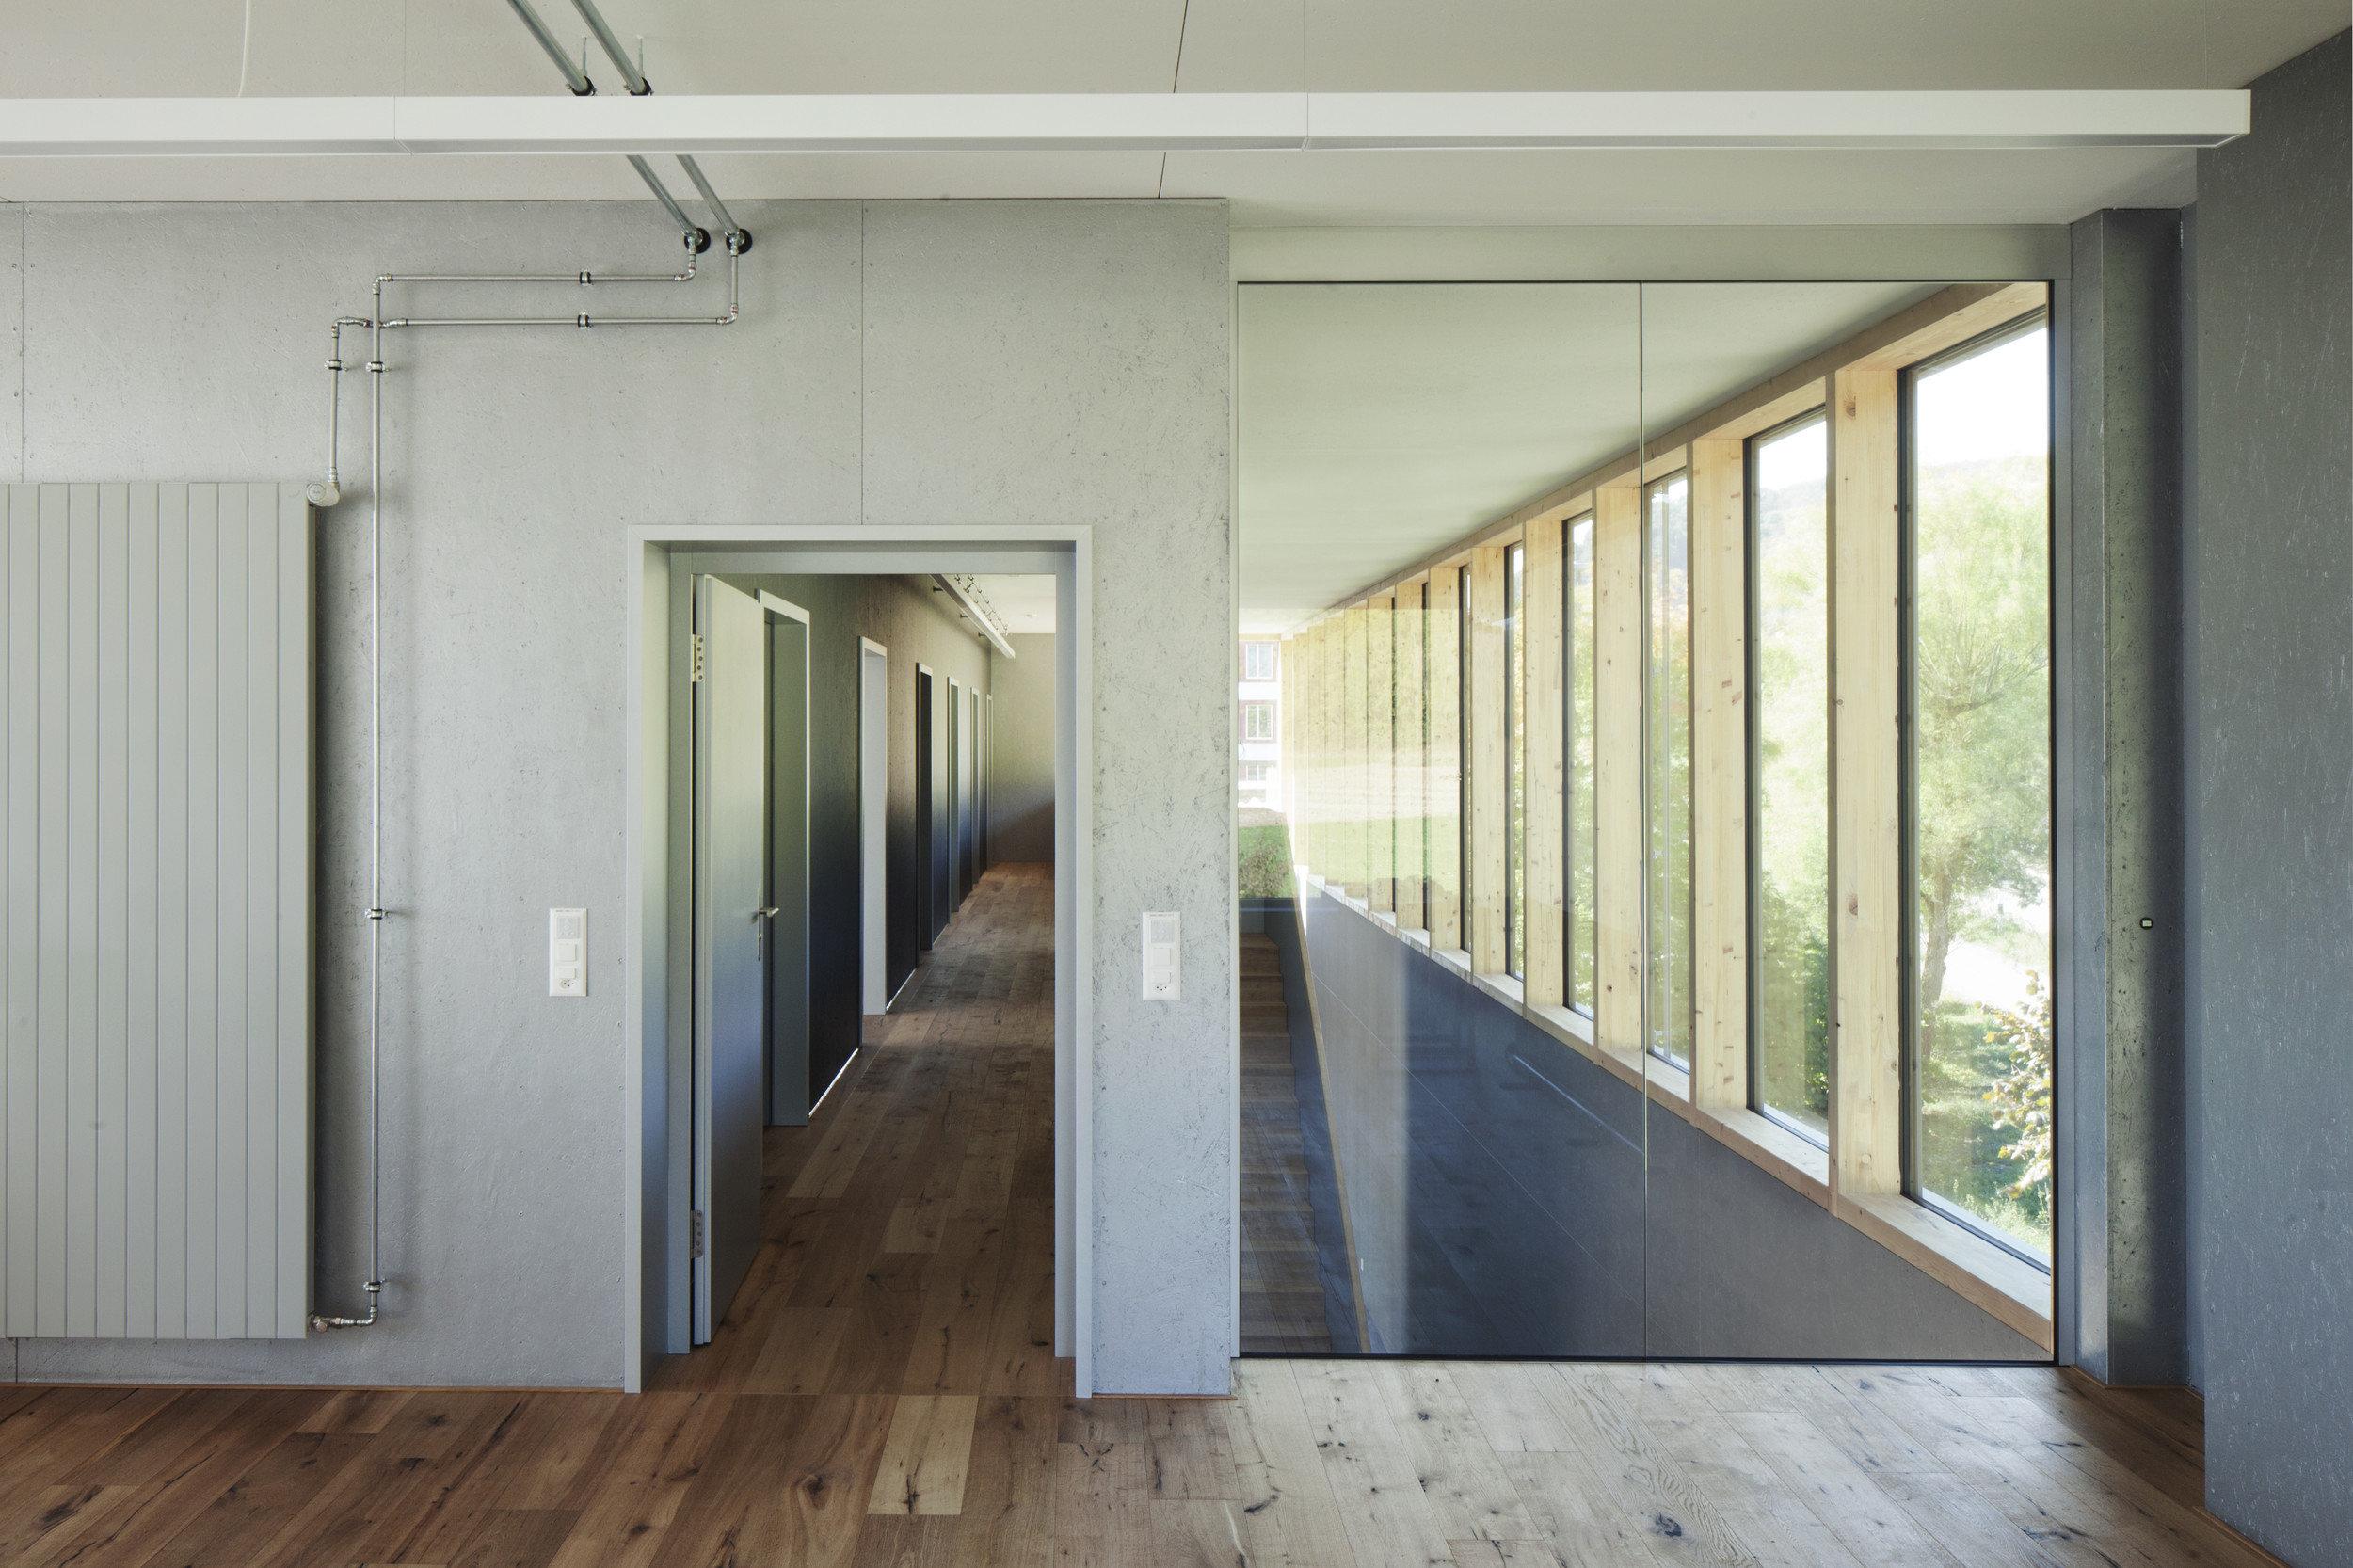 Raumhohe Fenster-Front in Flur mit Glas- und Betonwänden